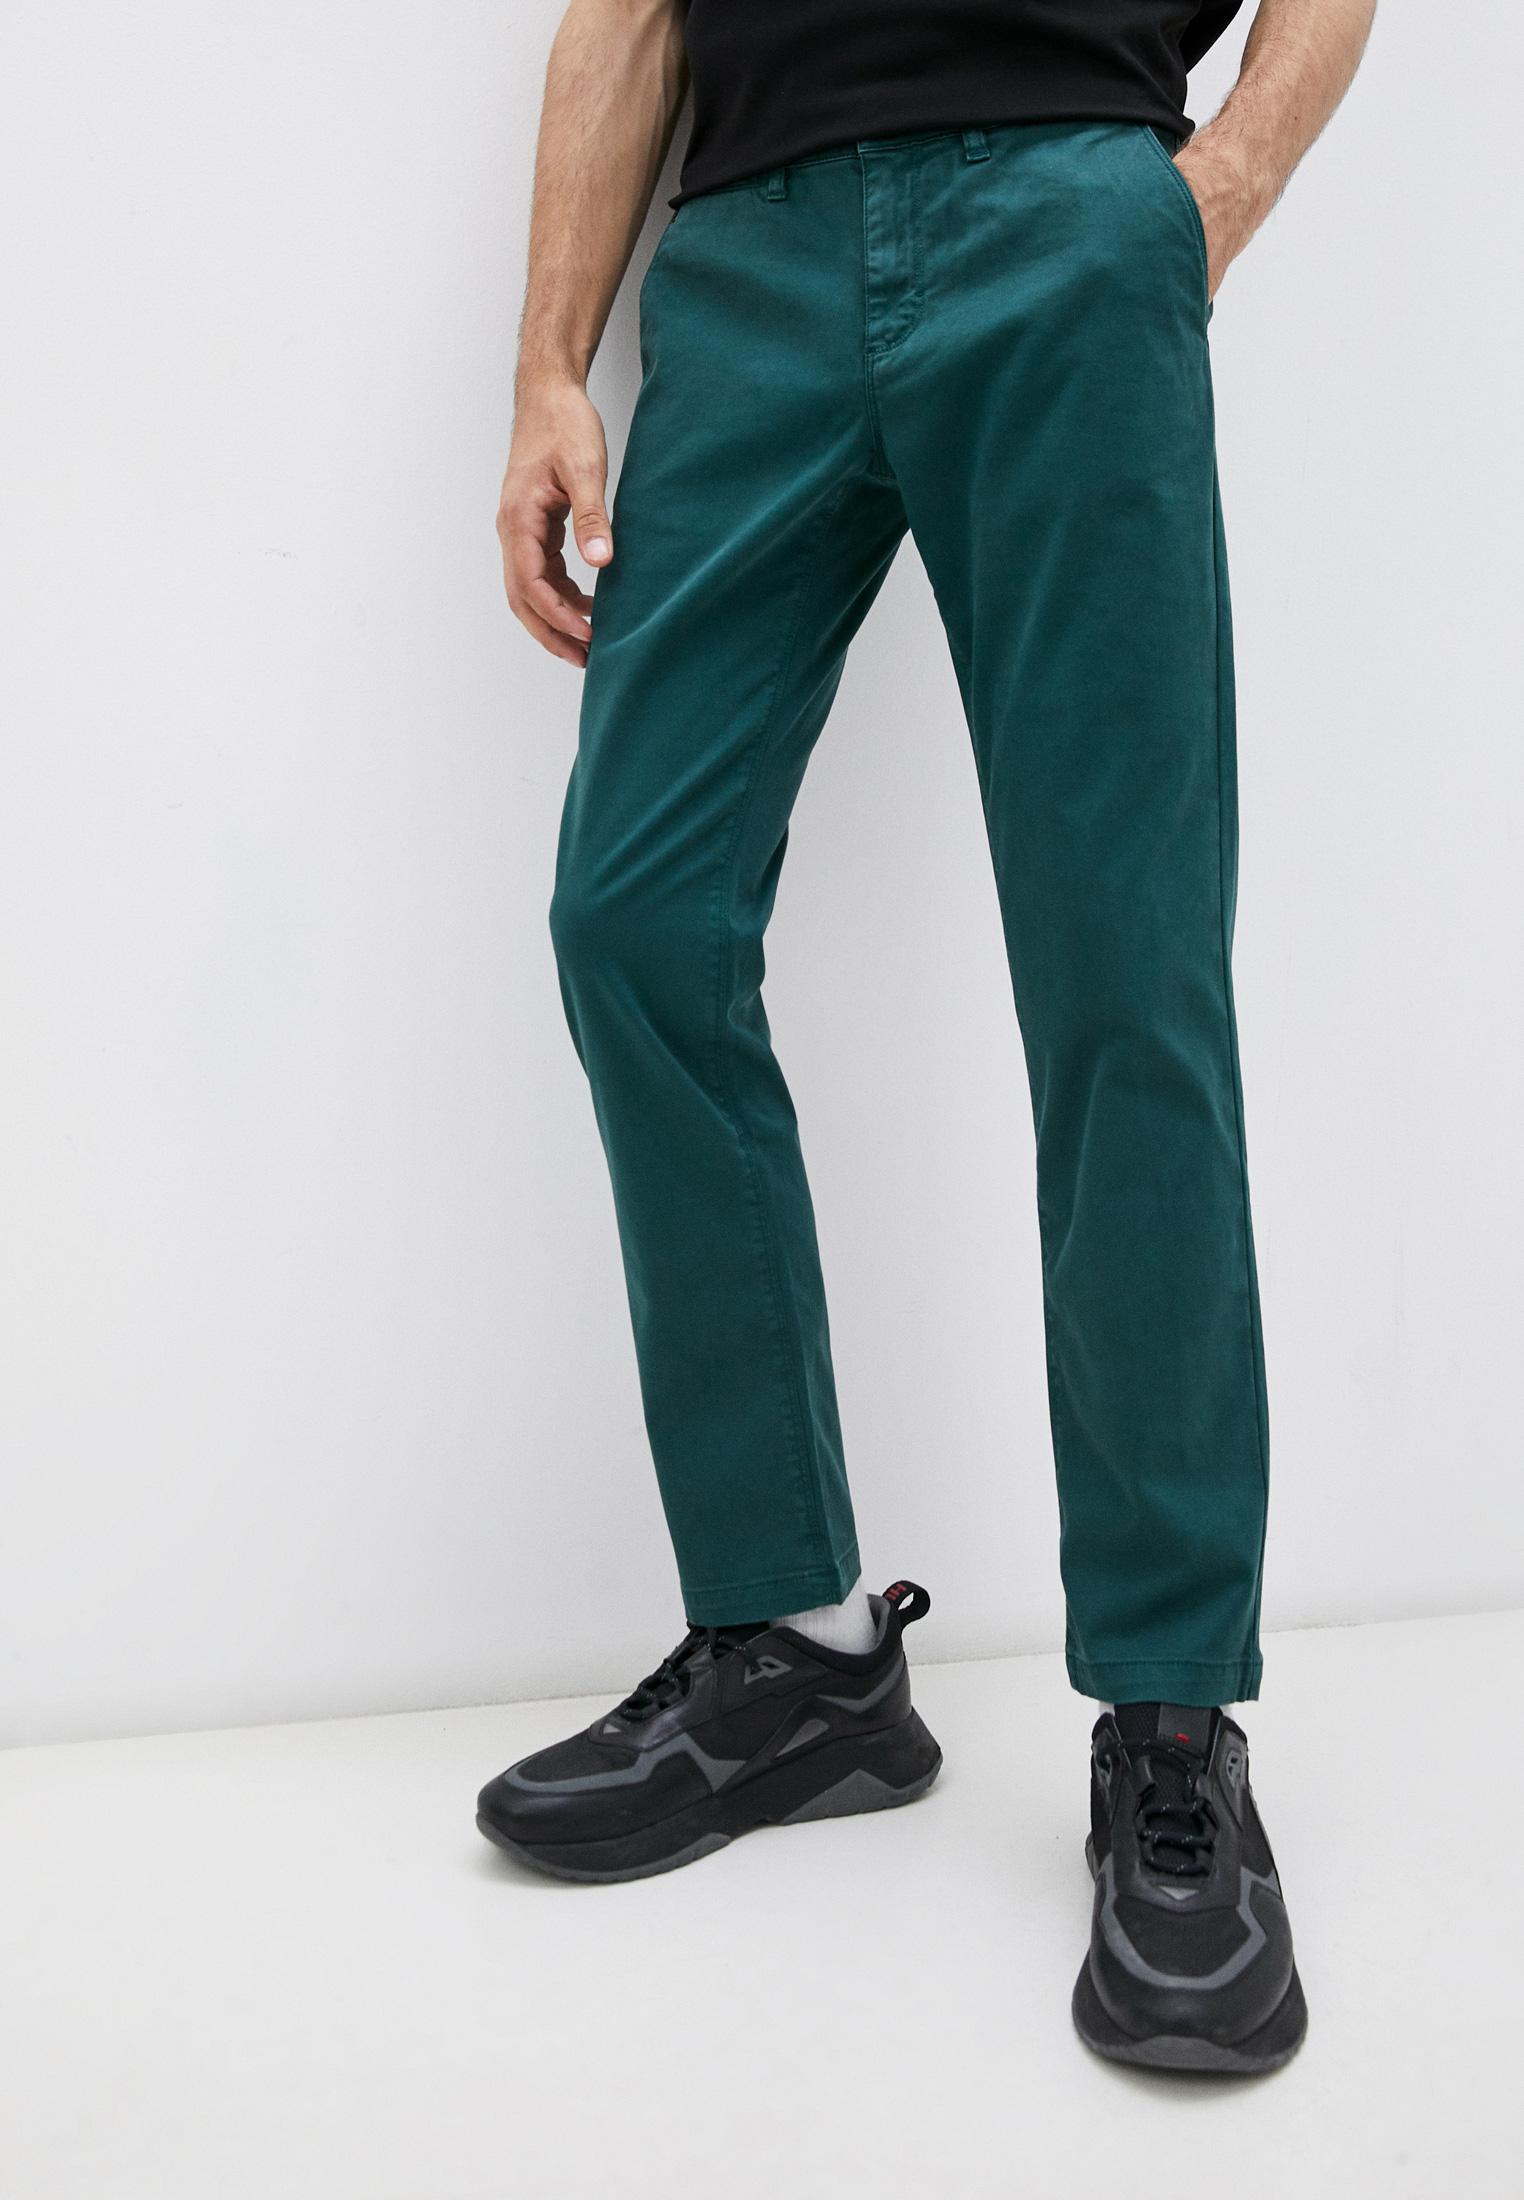 Мужские повседневные брюки Bikkembergs (Биккембергс) C P 001 00 S 2930: изображение 1